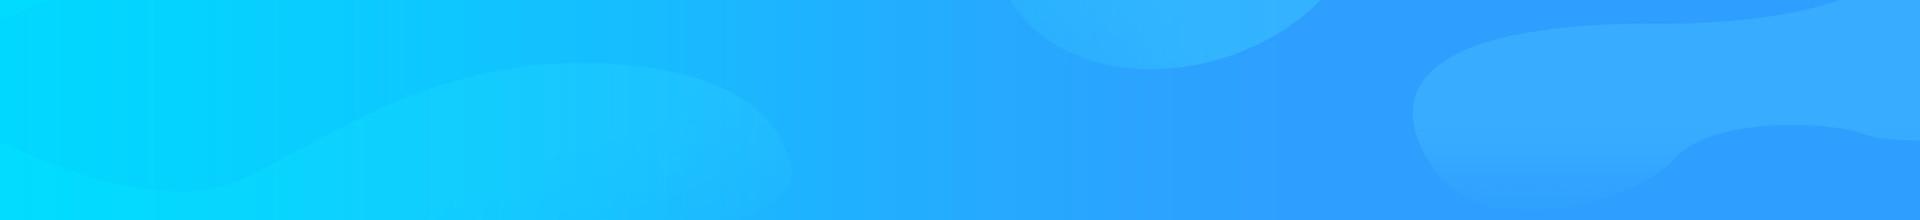 单页软件测试岗位简历模板 单色单张求职简历模板下载